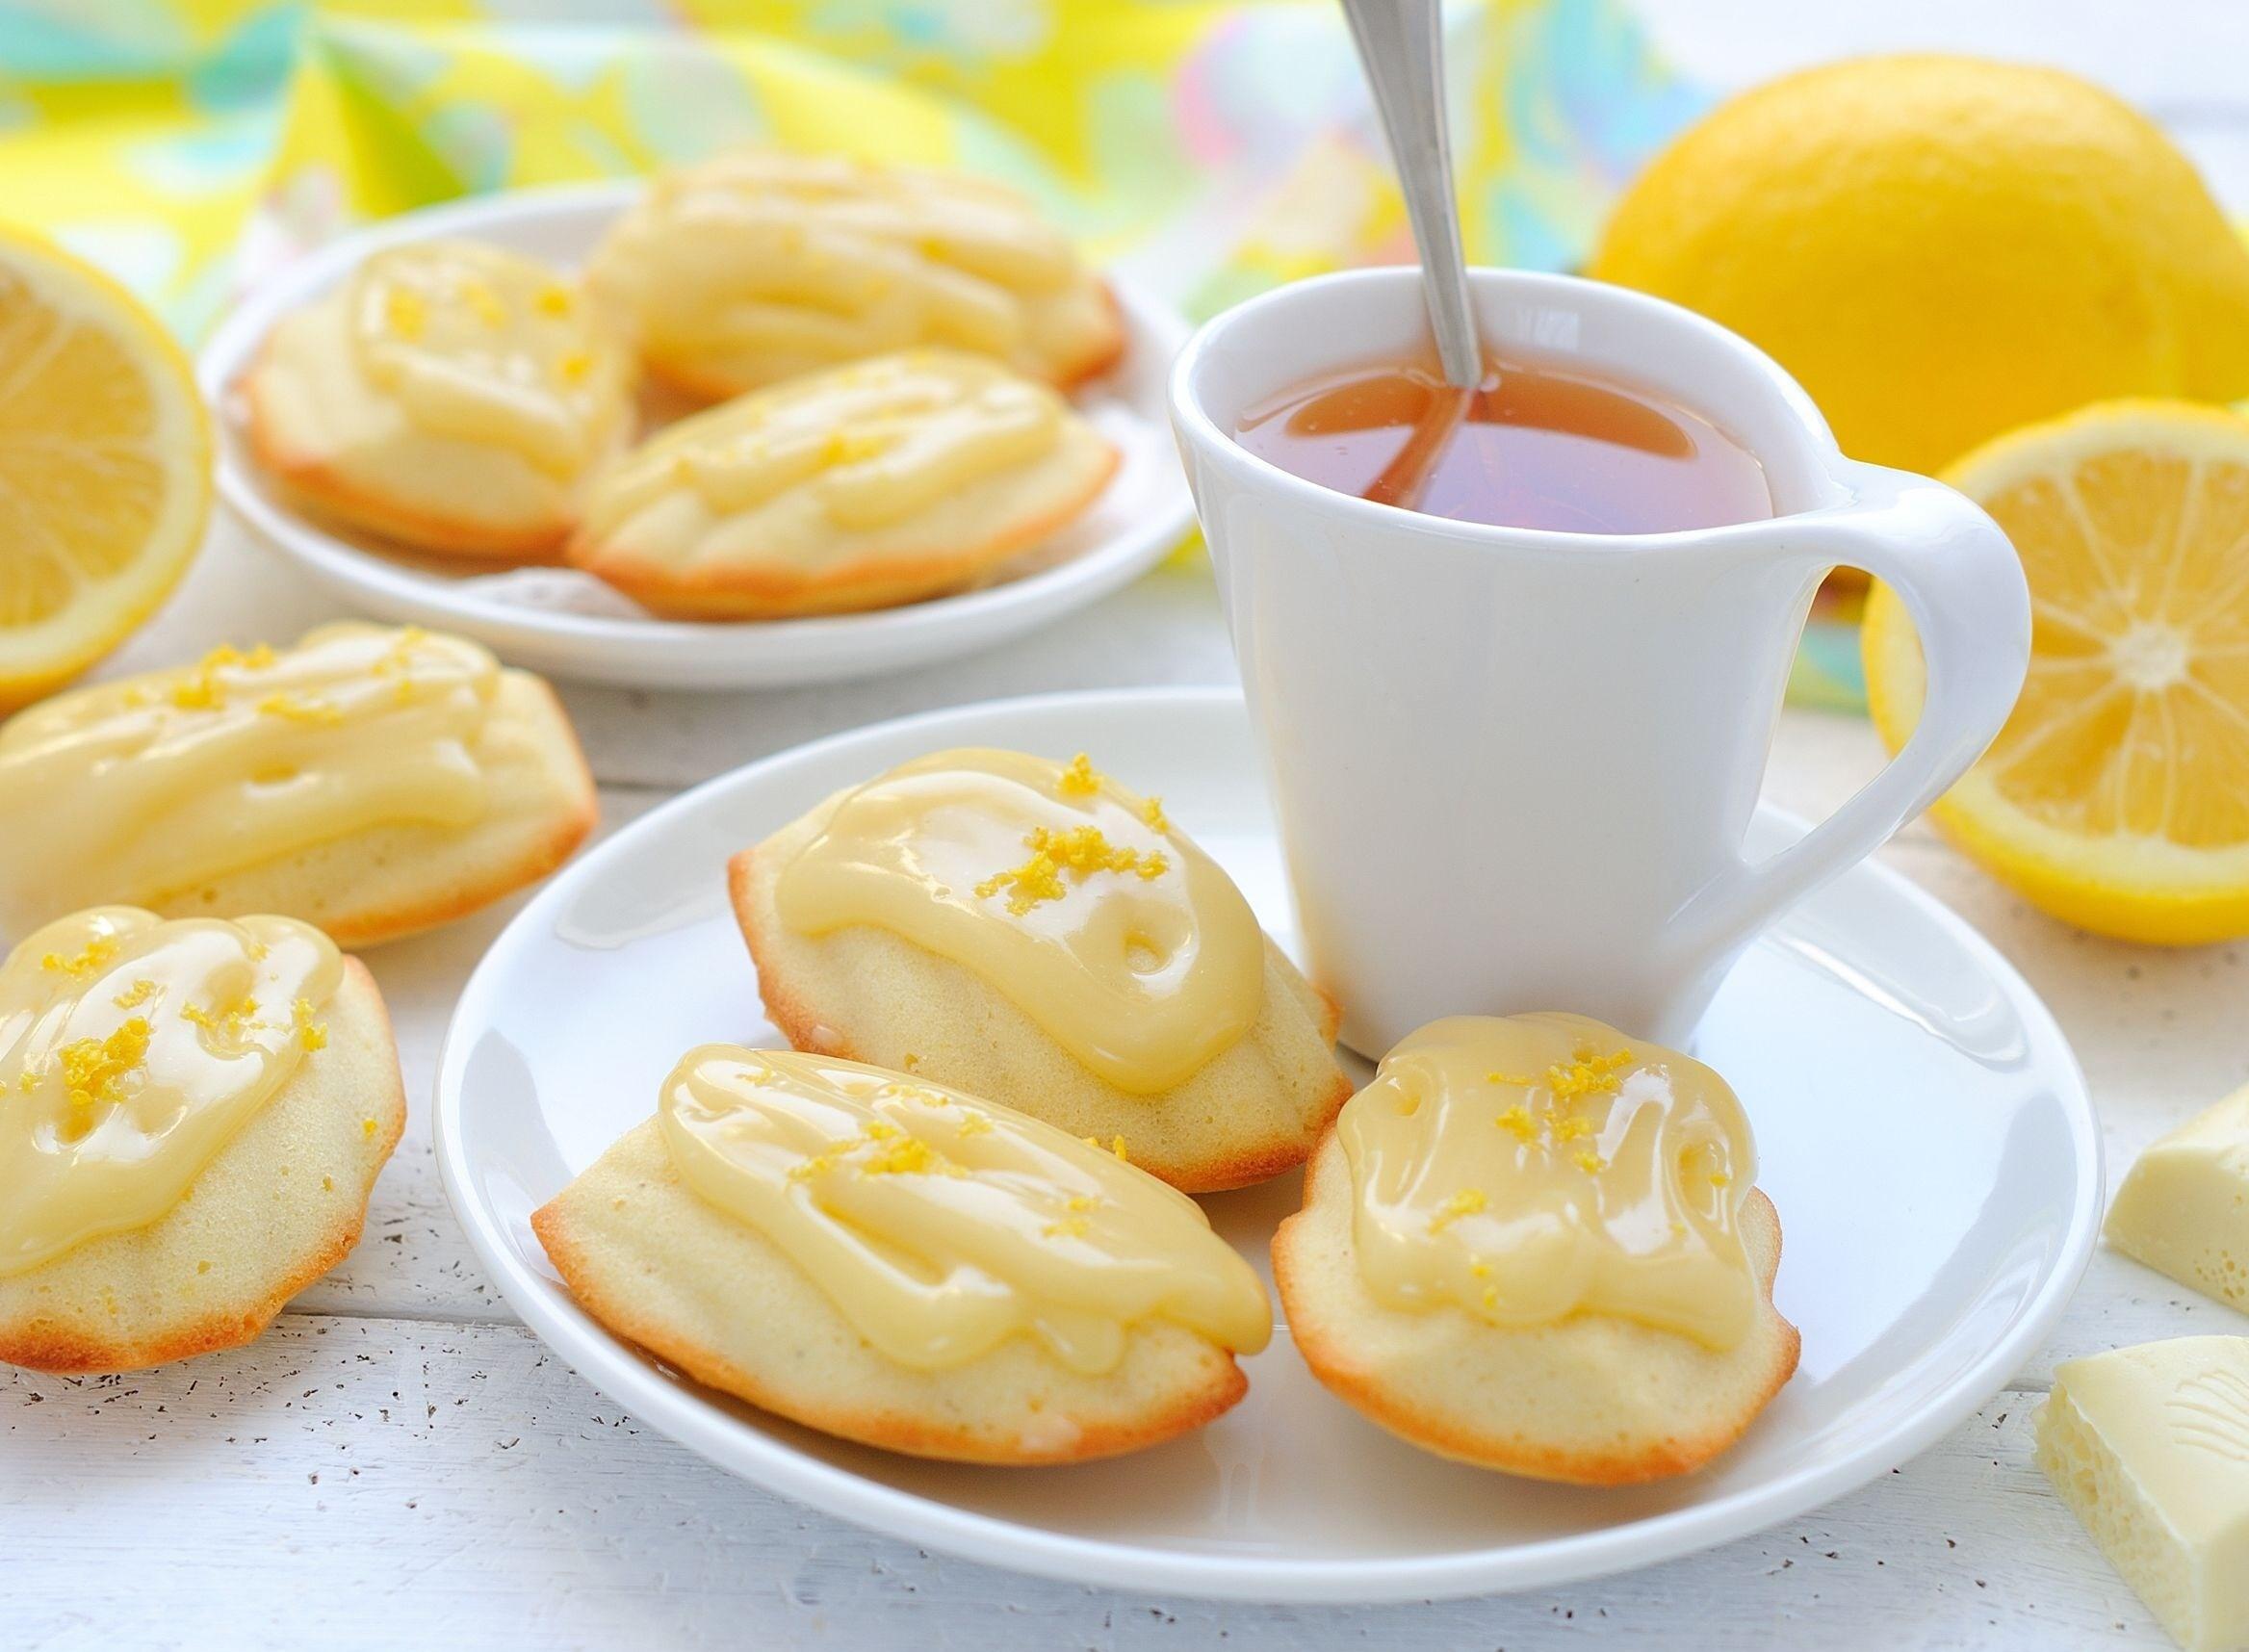 Madeleine: Лимон, Biscuit, Madeleine, Чай